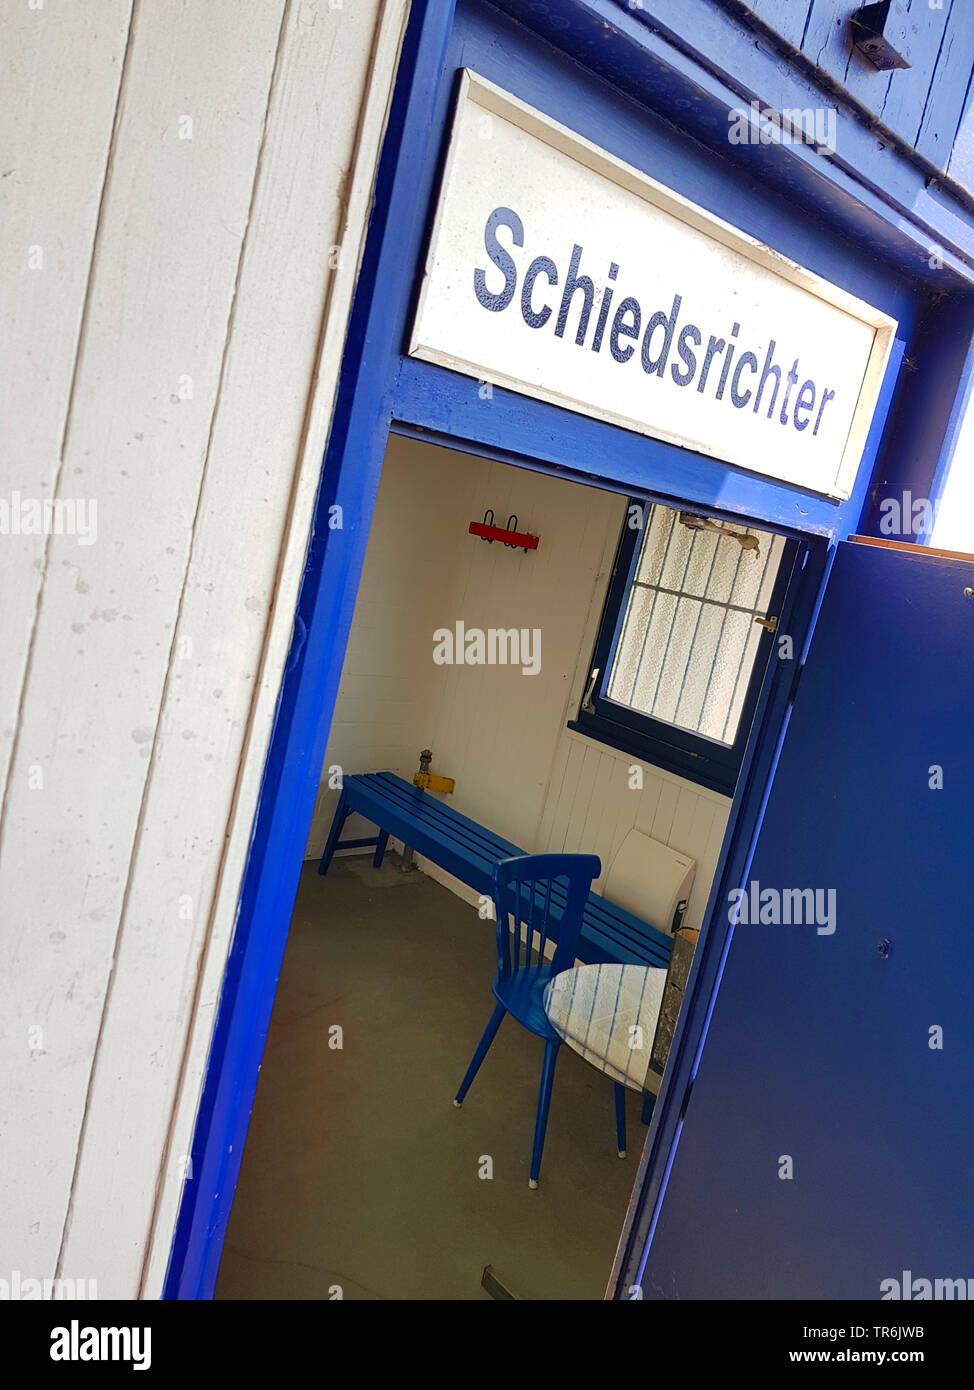 vergitterte, spartanisch eingerichtete Schiedrichterkabine auf einem Fussballplatz, Deutschland | room for a referee at a socker pitch, Germany | BLWS - Stock Image